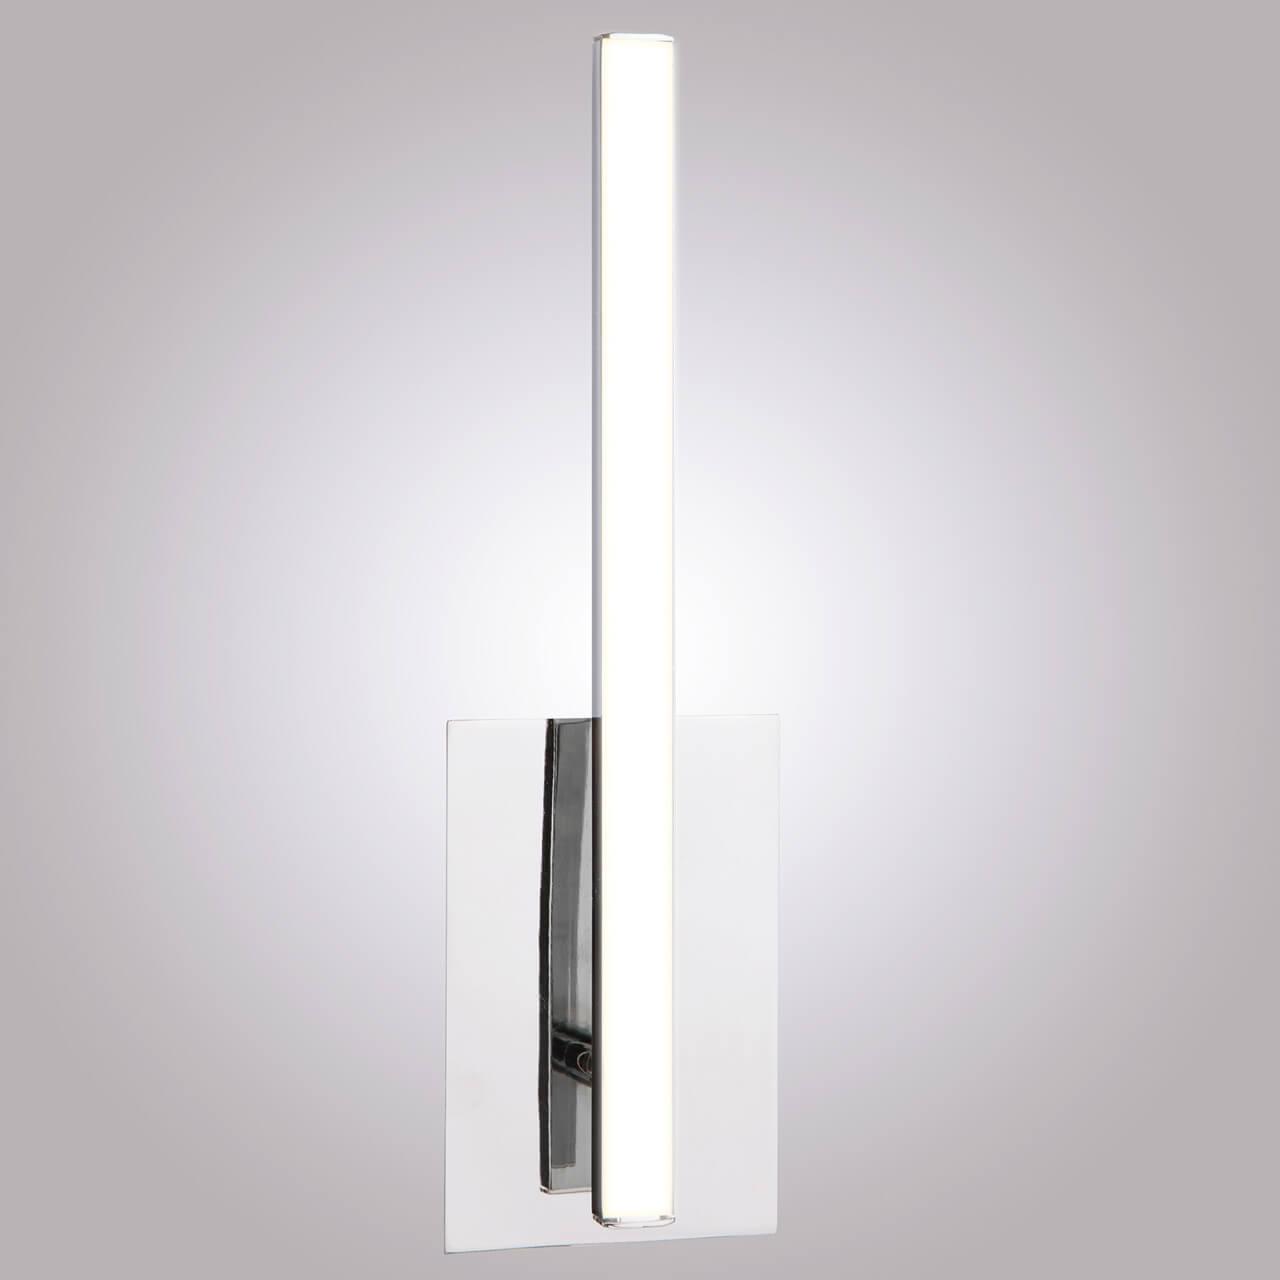 цена на Настенный светодиодный светильник Eurosvet Хай-Тек 90020/1 хром